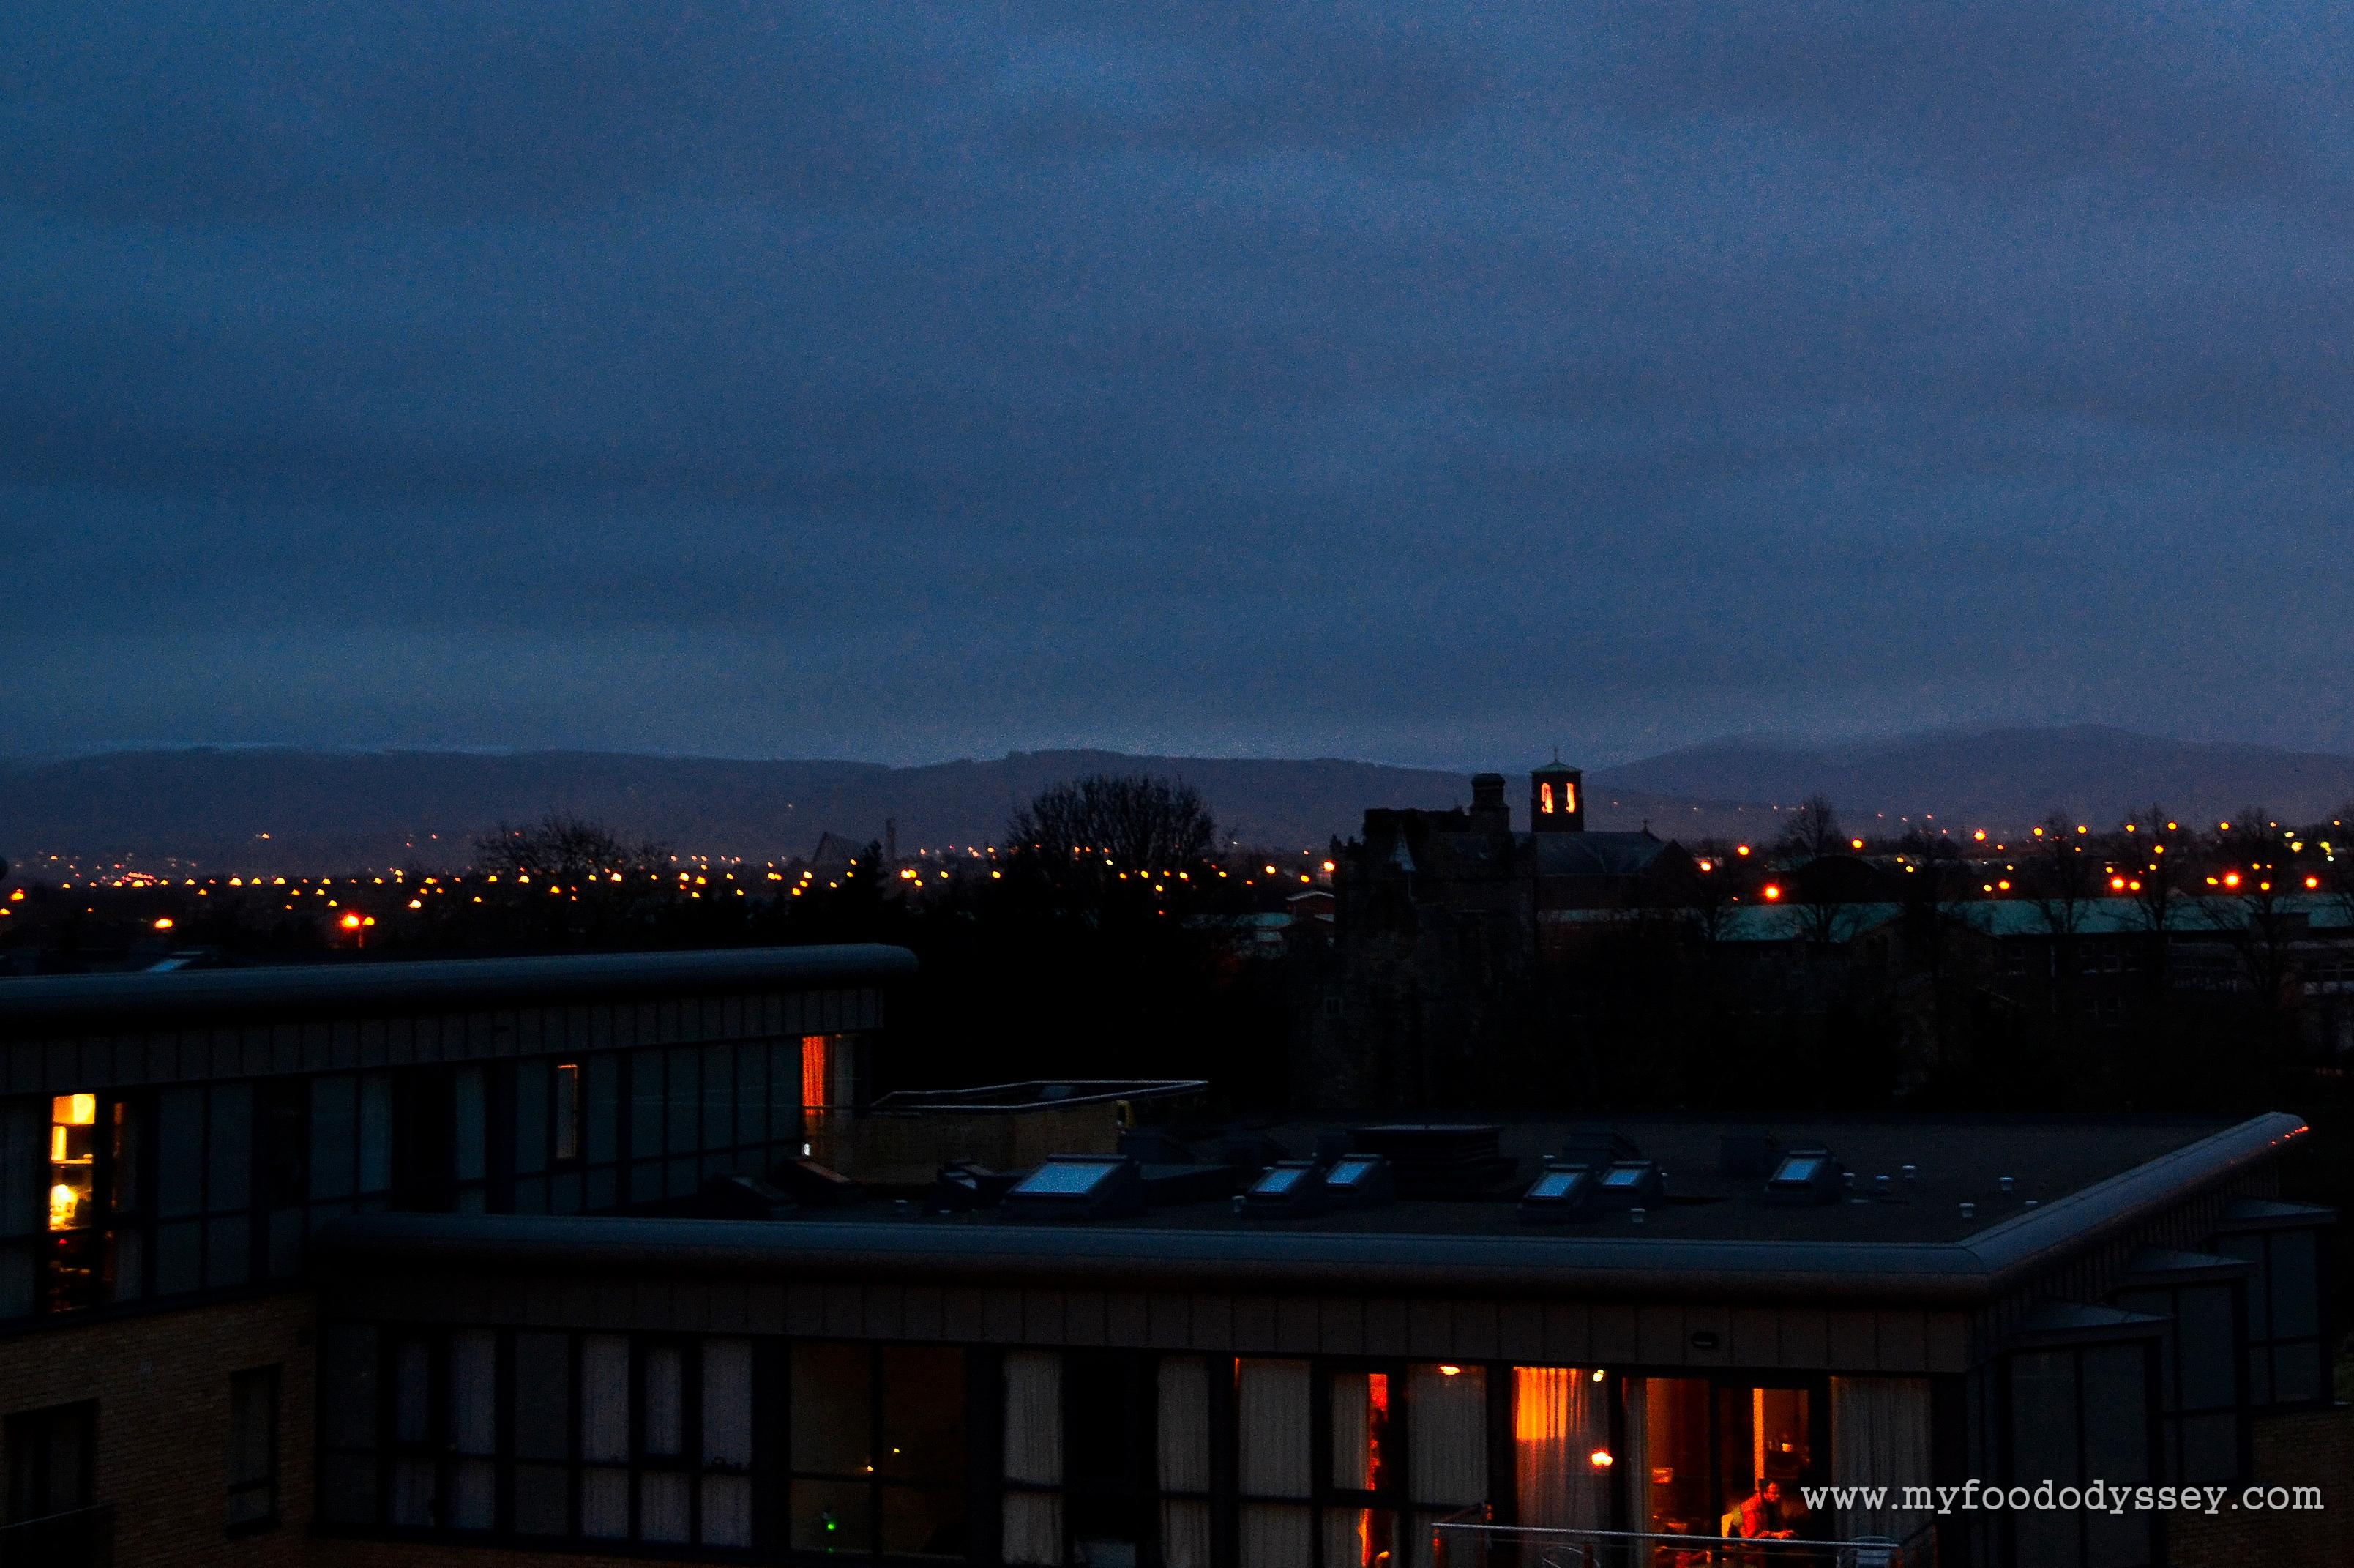 Dublin Night View Suburban Dublin at Night